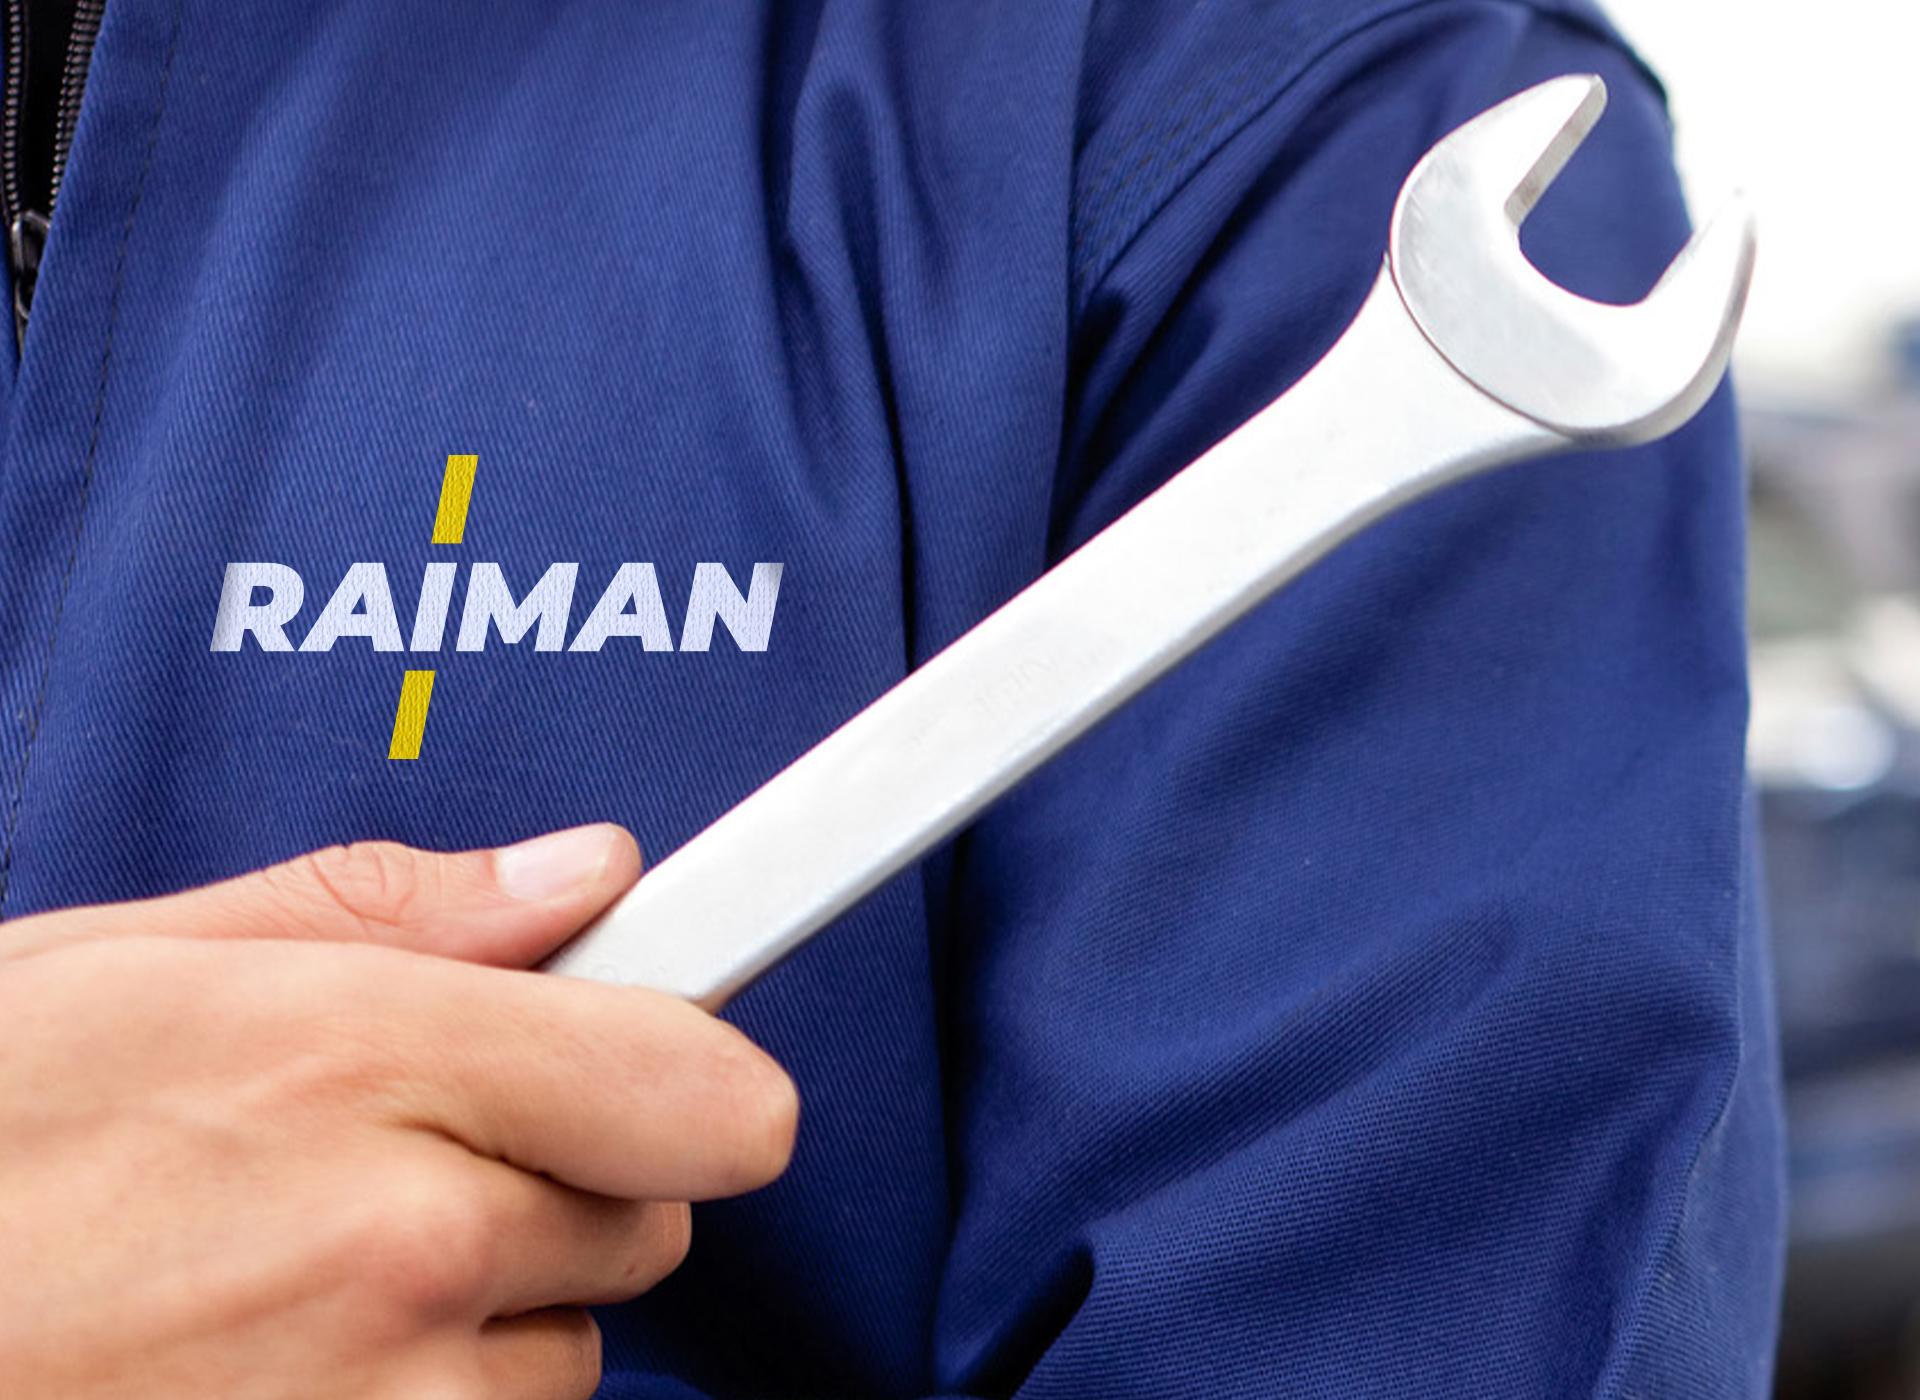 raiman portofoliu inoveo shirt Handyman